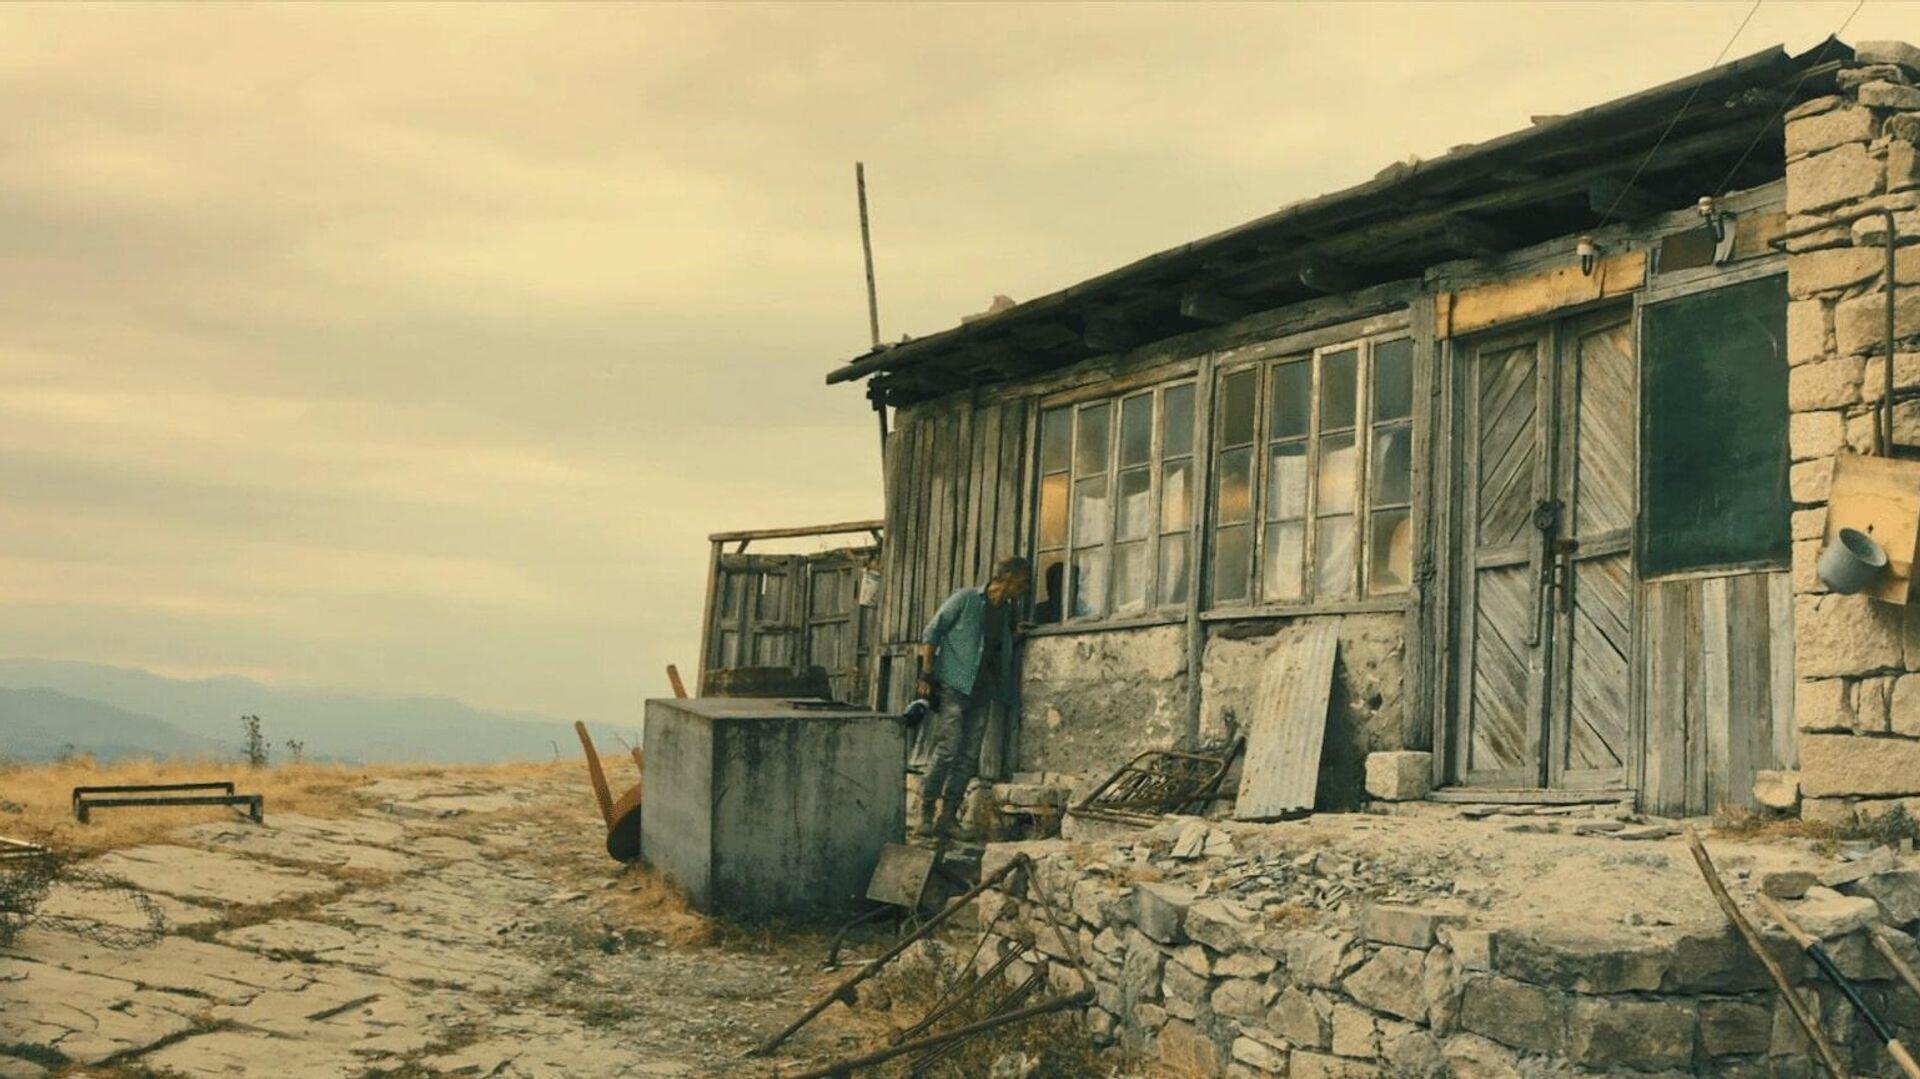 1578003840 59:0:1597:865 1920x0 80 0 0 4d53b2136fa6ebcdd23a3f5f88a7fd05 - Фильм о Карабахе исключили из программы ММКФ, чтобы не обострять конфликт